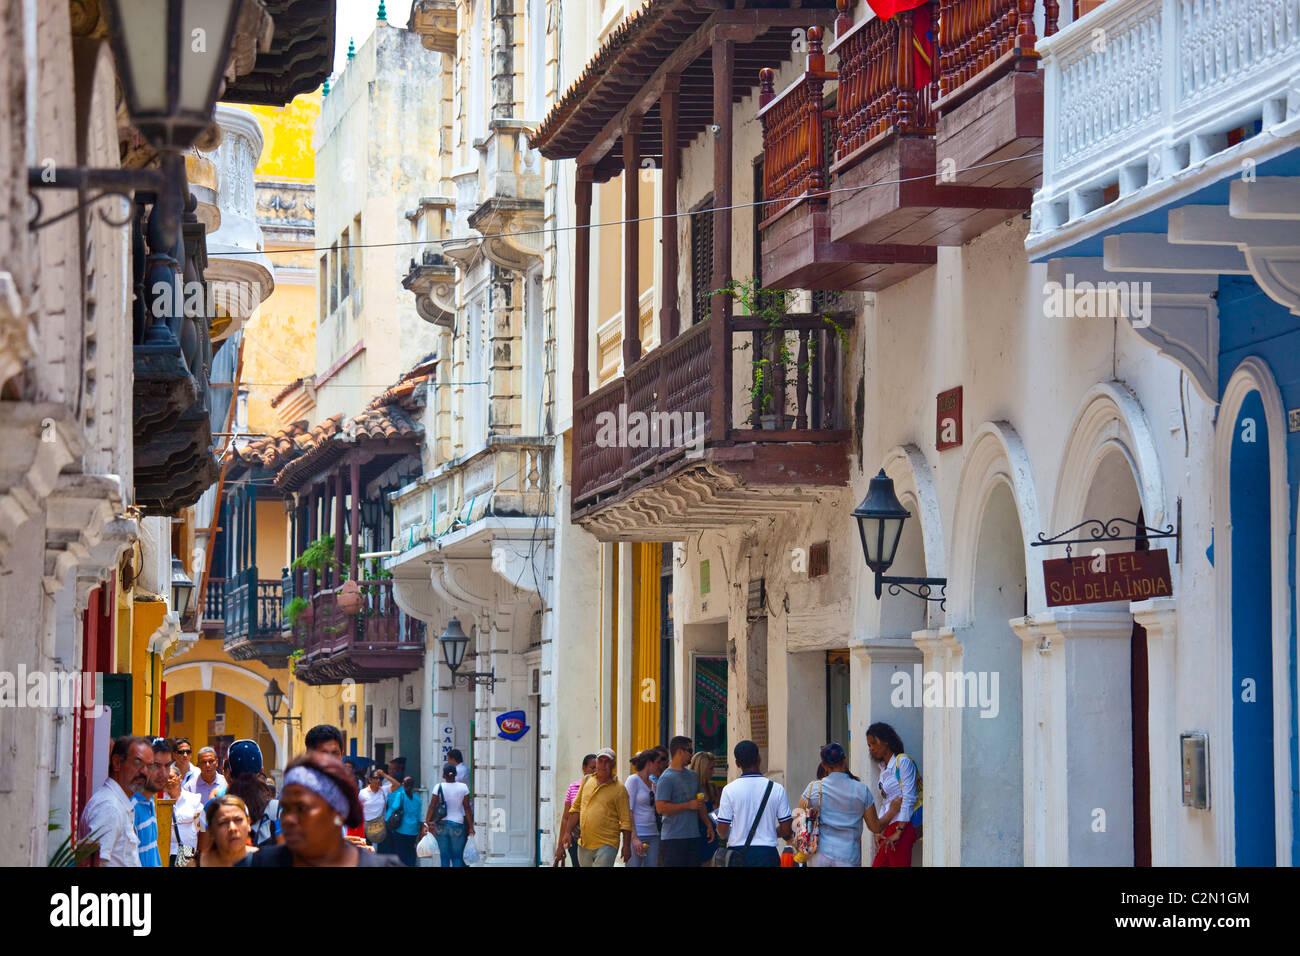 Casco antiguo de la ciudad, Cartagena de Indias, Colombia Imagen De Stock